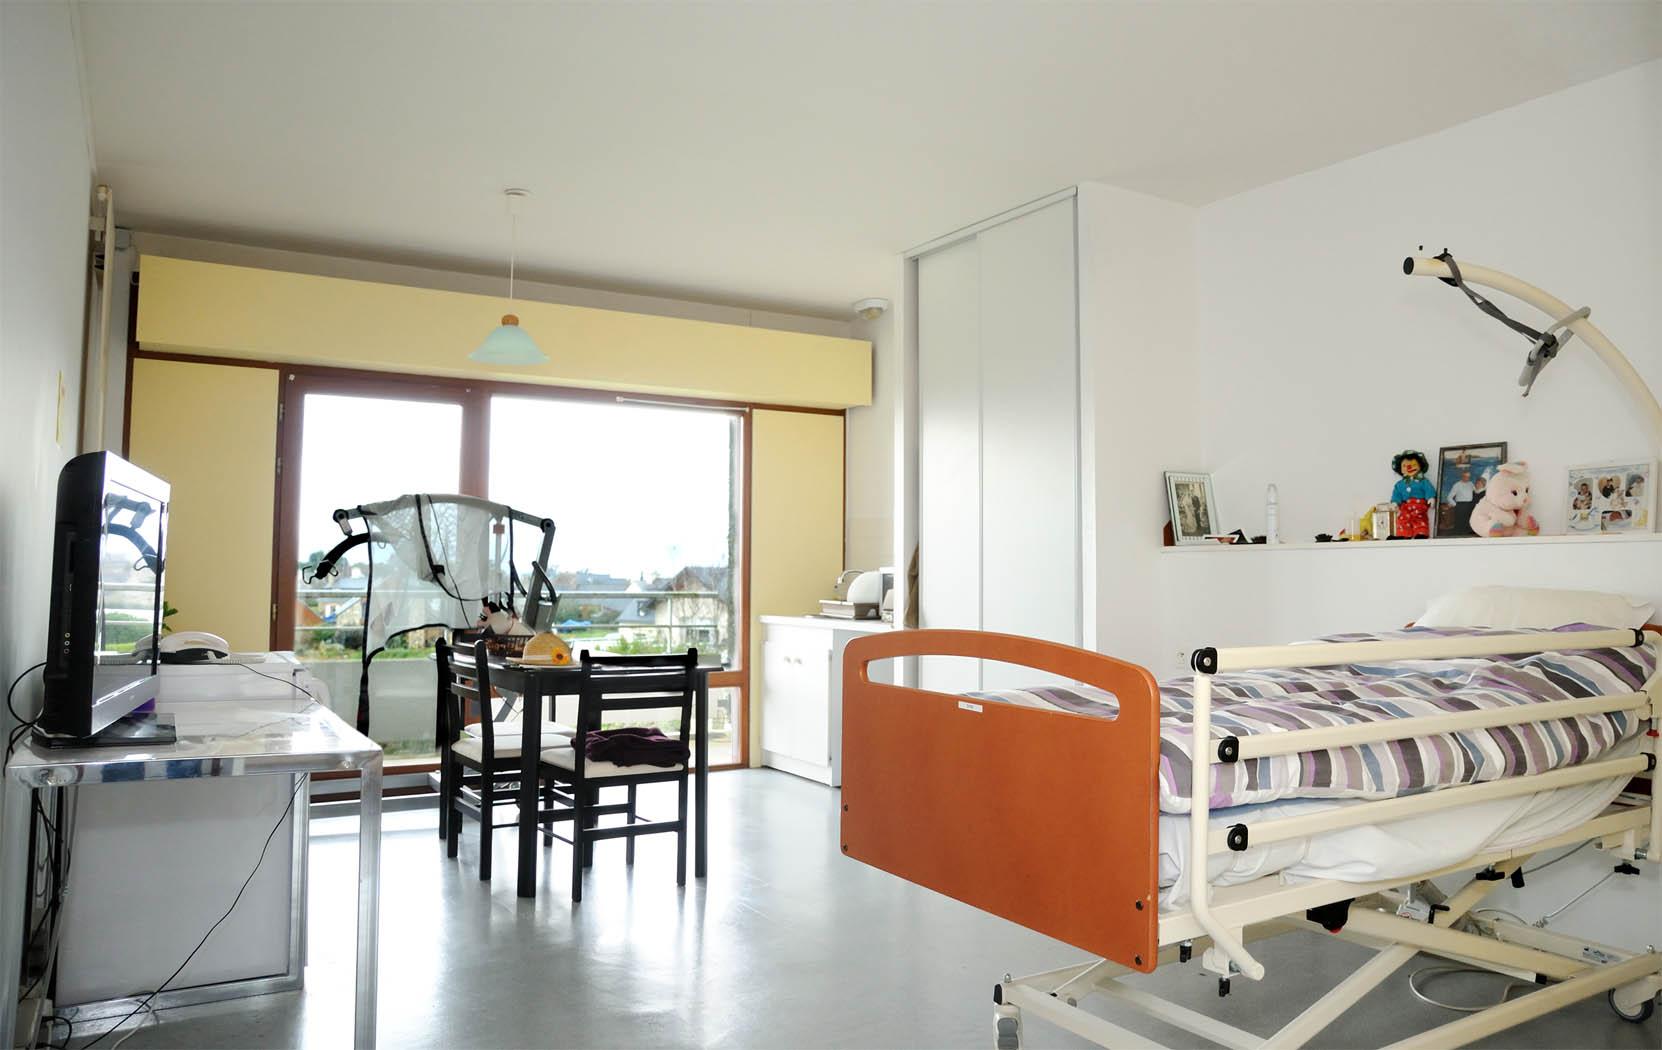 acheter une chambre en maison de retraite chambre ehpad. Black Bedroom Furniture Sets. Home Design Ideas